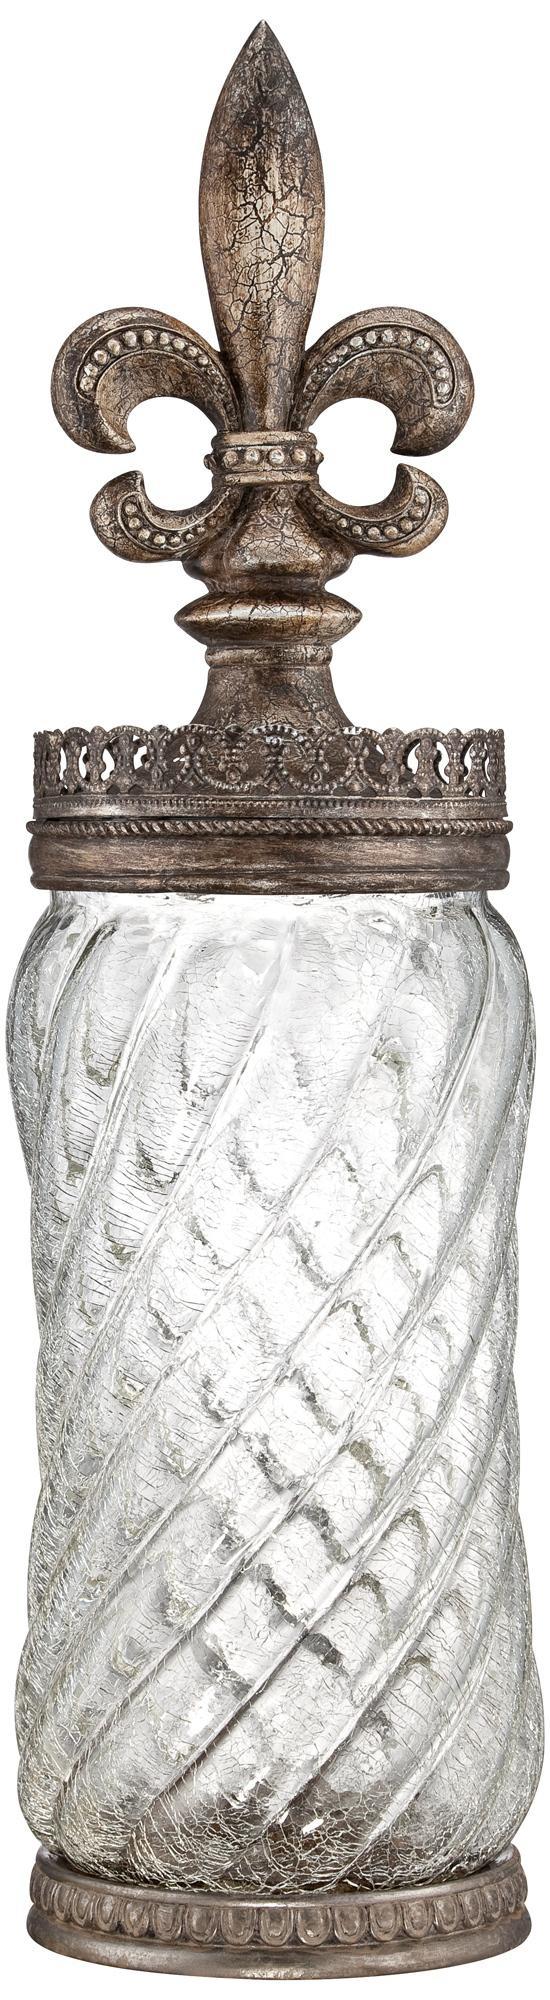 145 Best Images About Fleur De Lis On Pinterest Jars